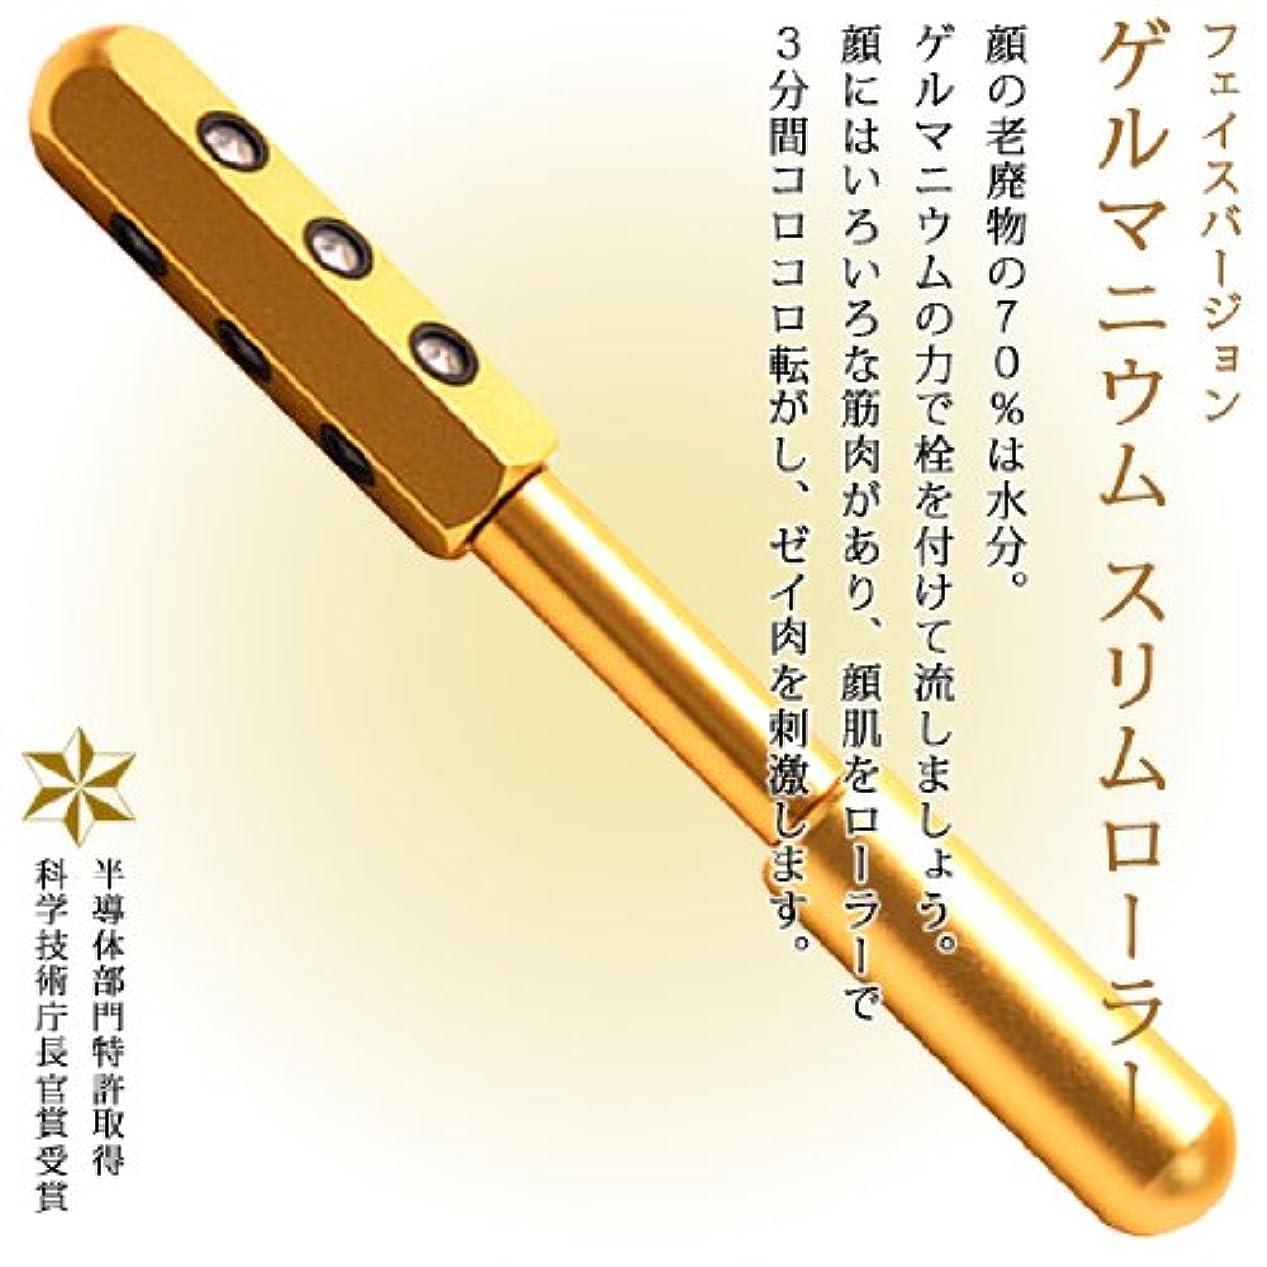 砦立派な五十ゲルマニウムスリムローラー フェイスバージョン 【ゴールド】